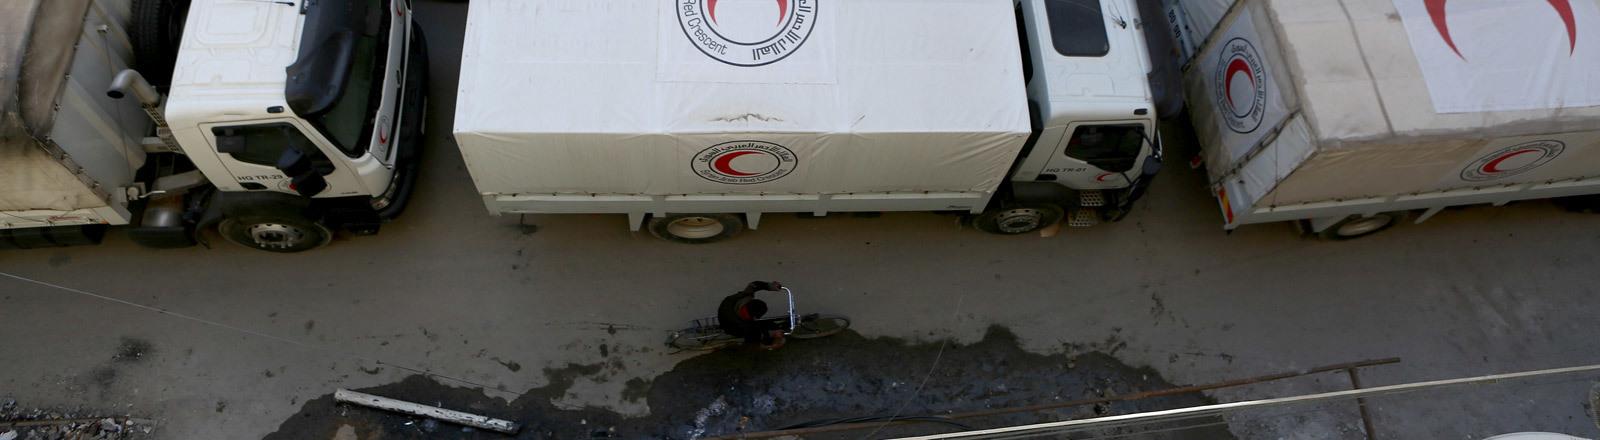 Un-Hilfskonvoi in Syrien